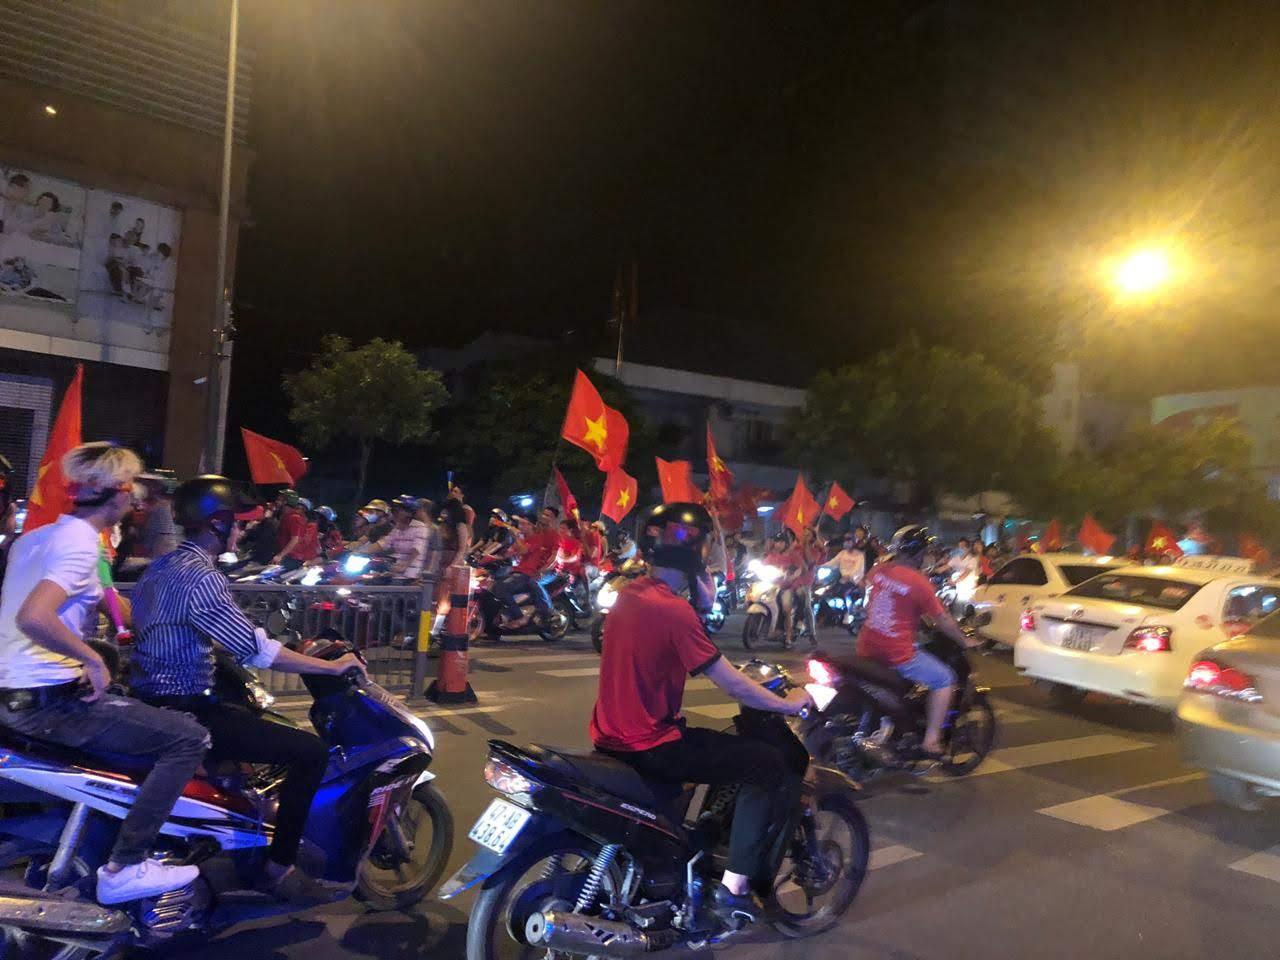 베트남은 지금, 축구 열풍 - 오늘 박항서의 베트남...